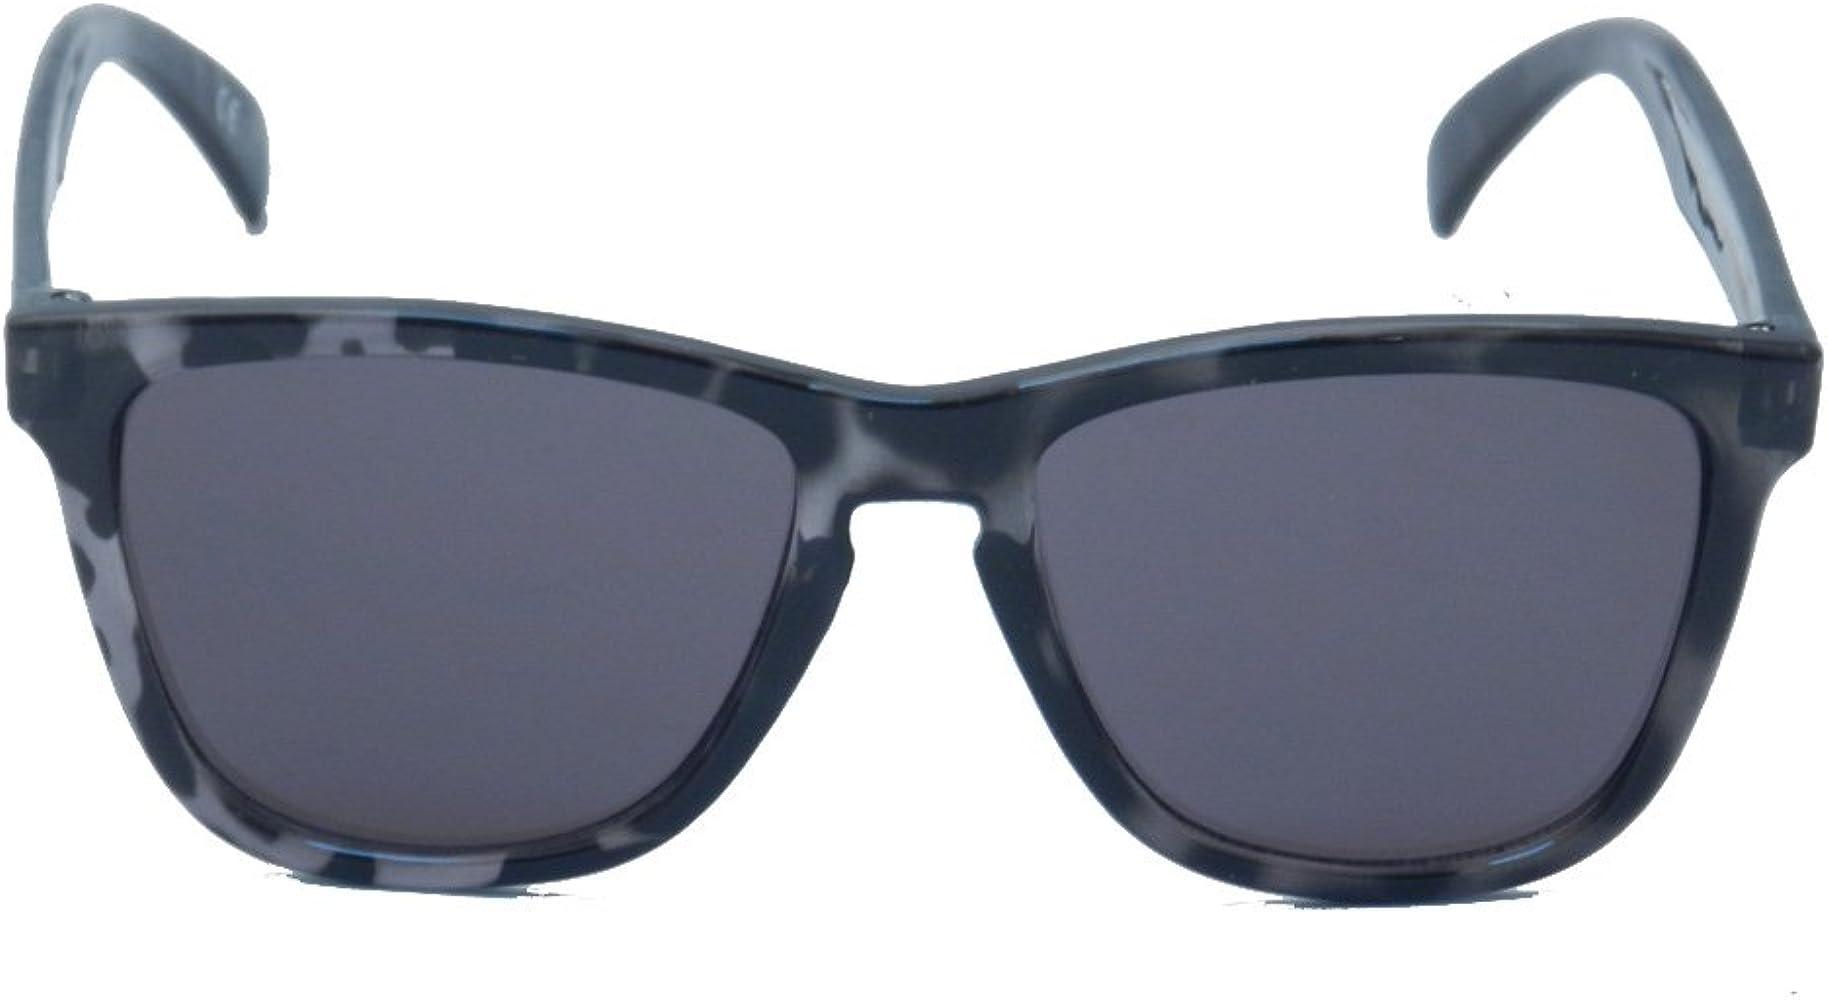 Gafas de Sol Knockaround Classic Premium Black Tortoise ...